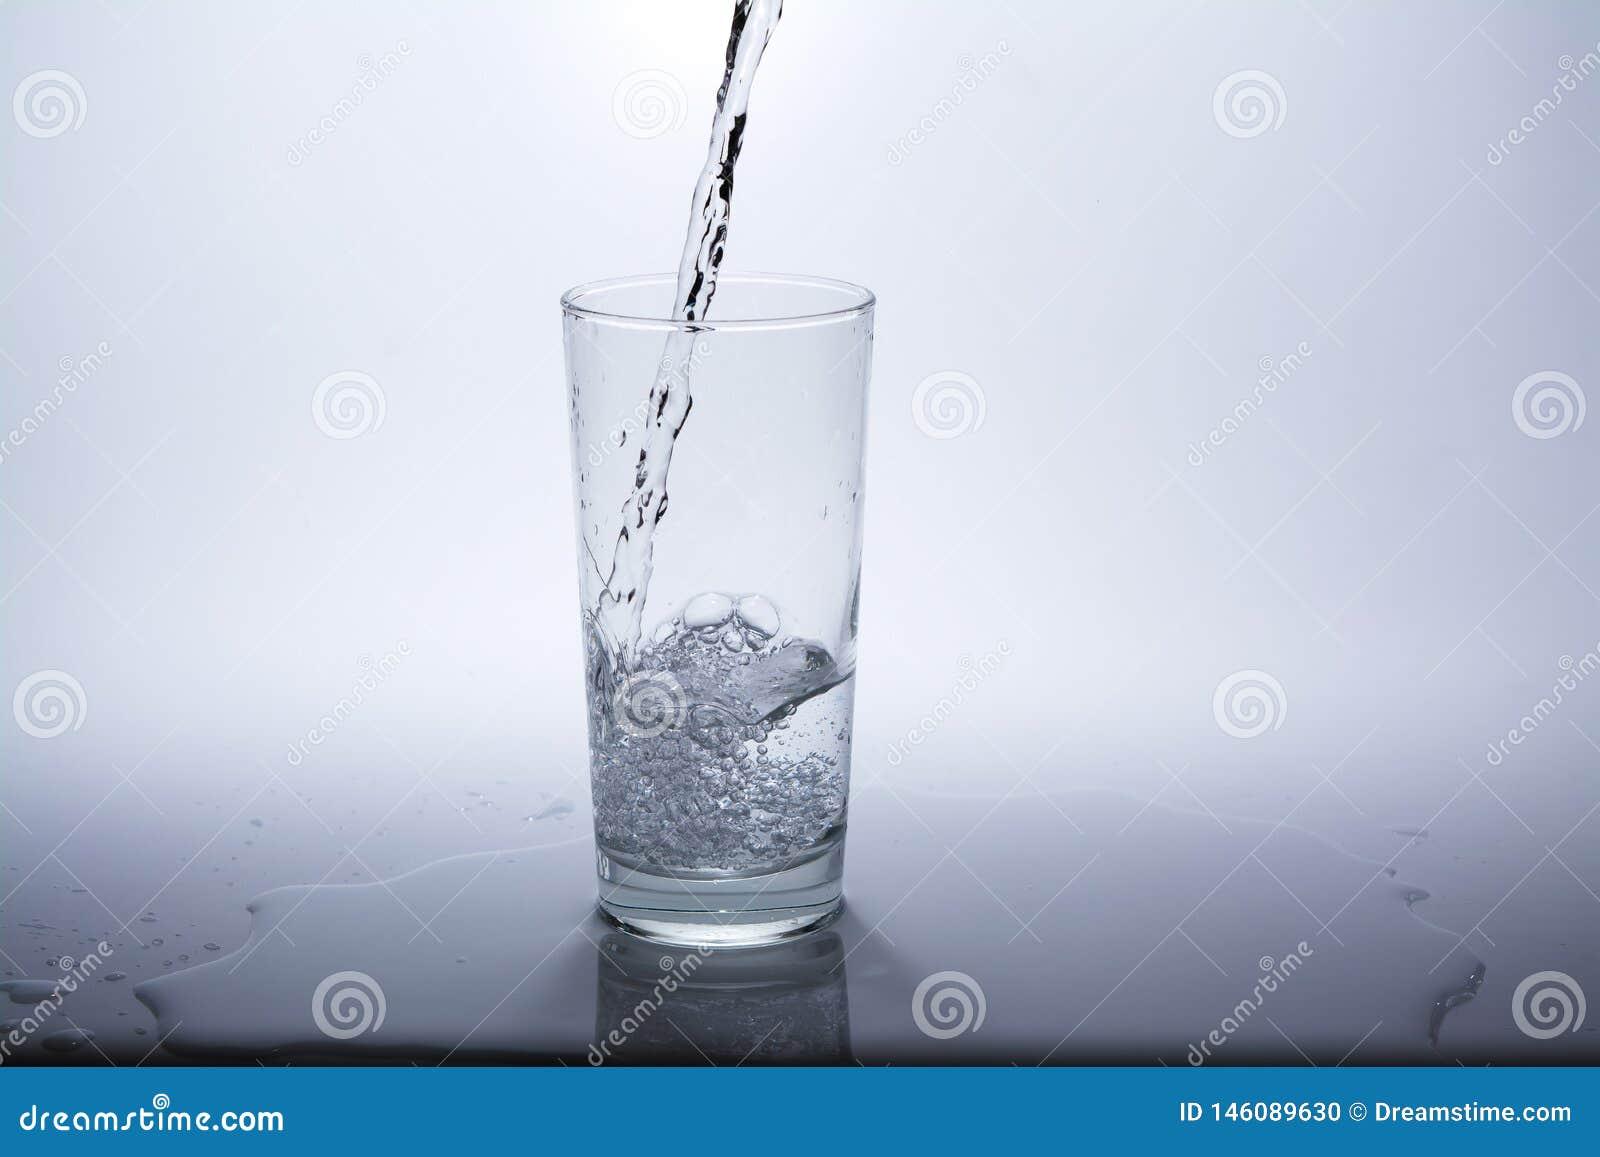 Прозрачное стекло с чистой питьевой водой